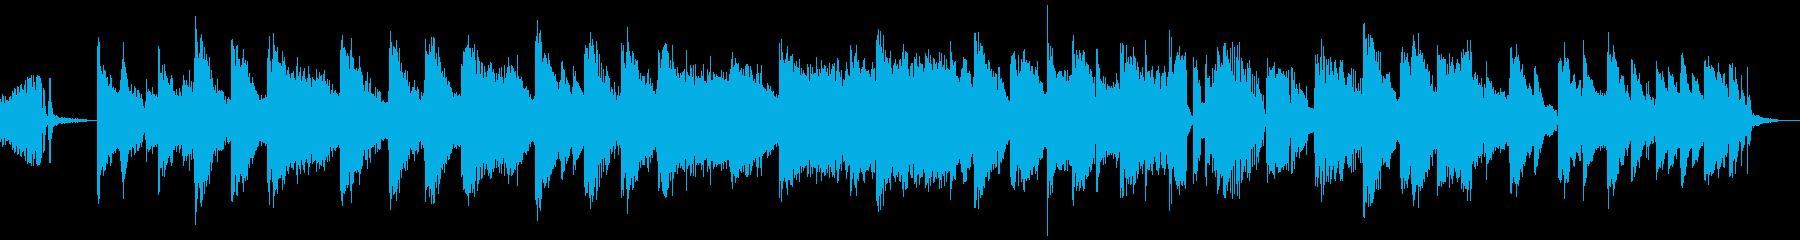 【15ver】EDM、勢いある明るめスタの再生済みの波形